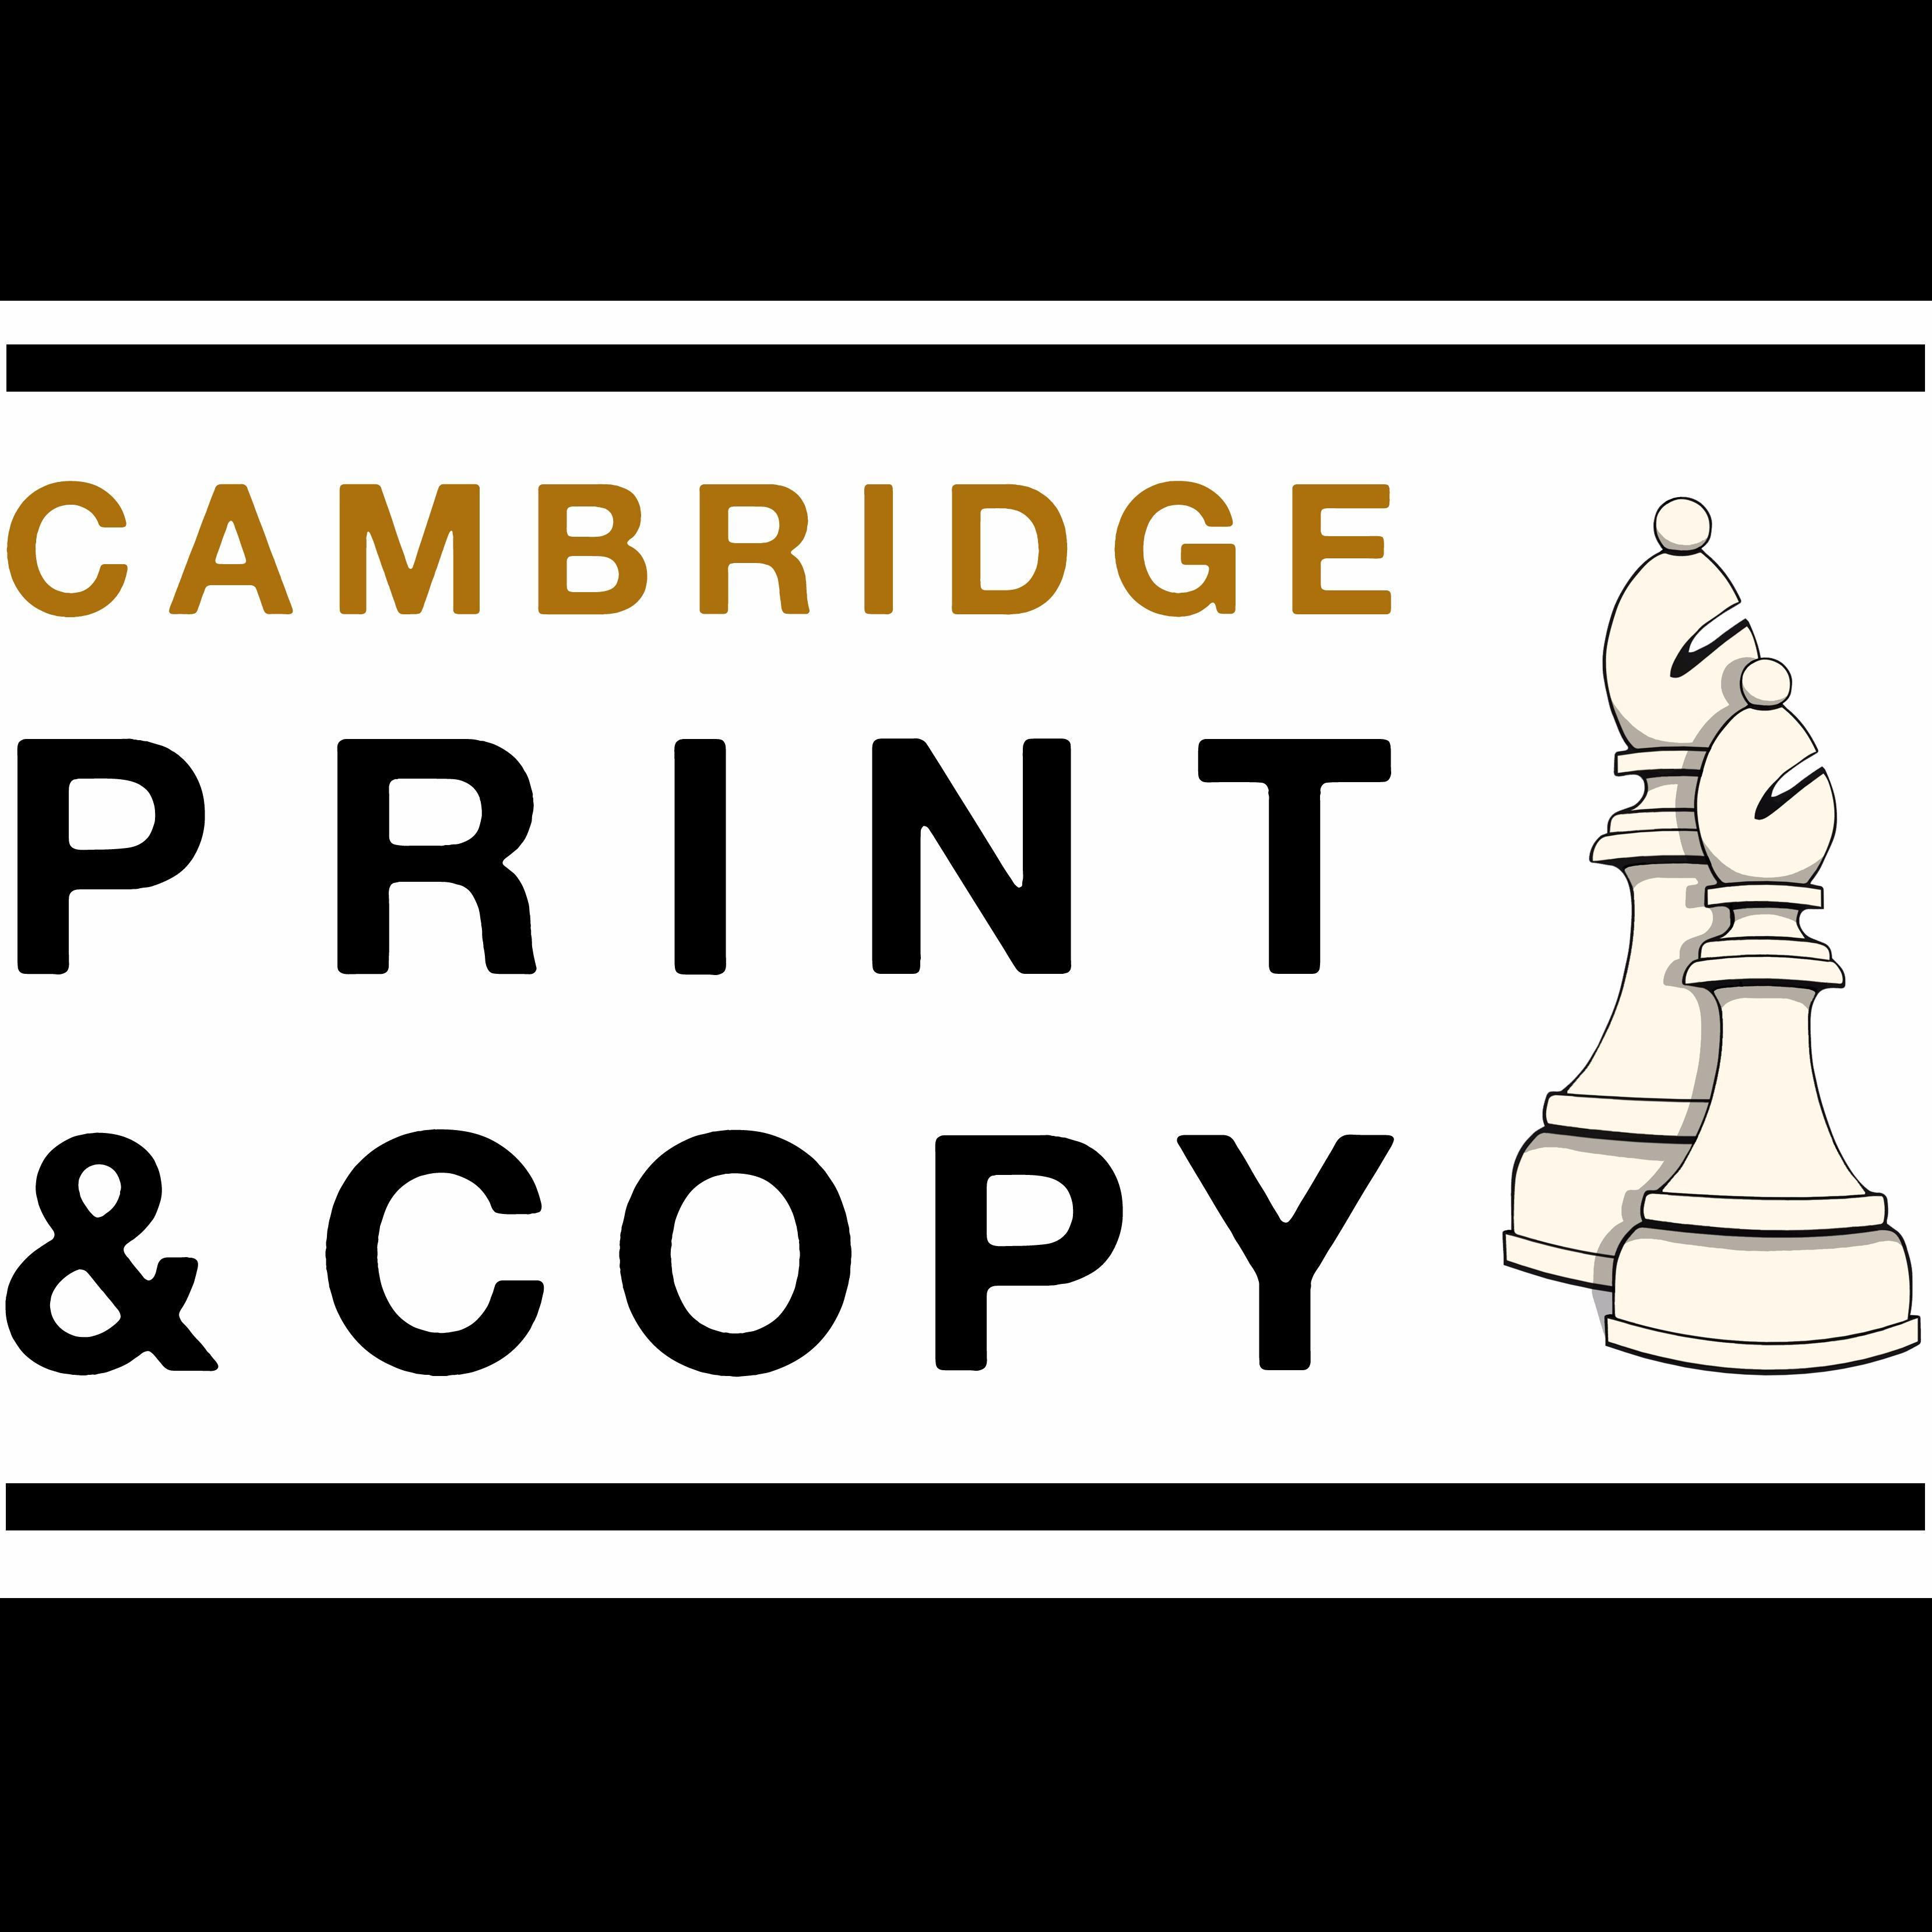 Cambridge Print & Copy Ltd. - Cambridge, Cambridgeshire CB1 7ED - 01223 211554 | ShowMeLocal.com